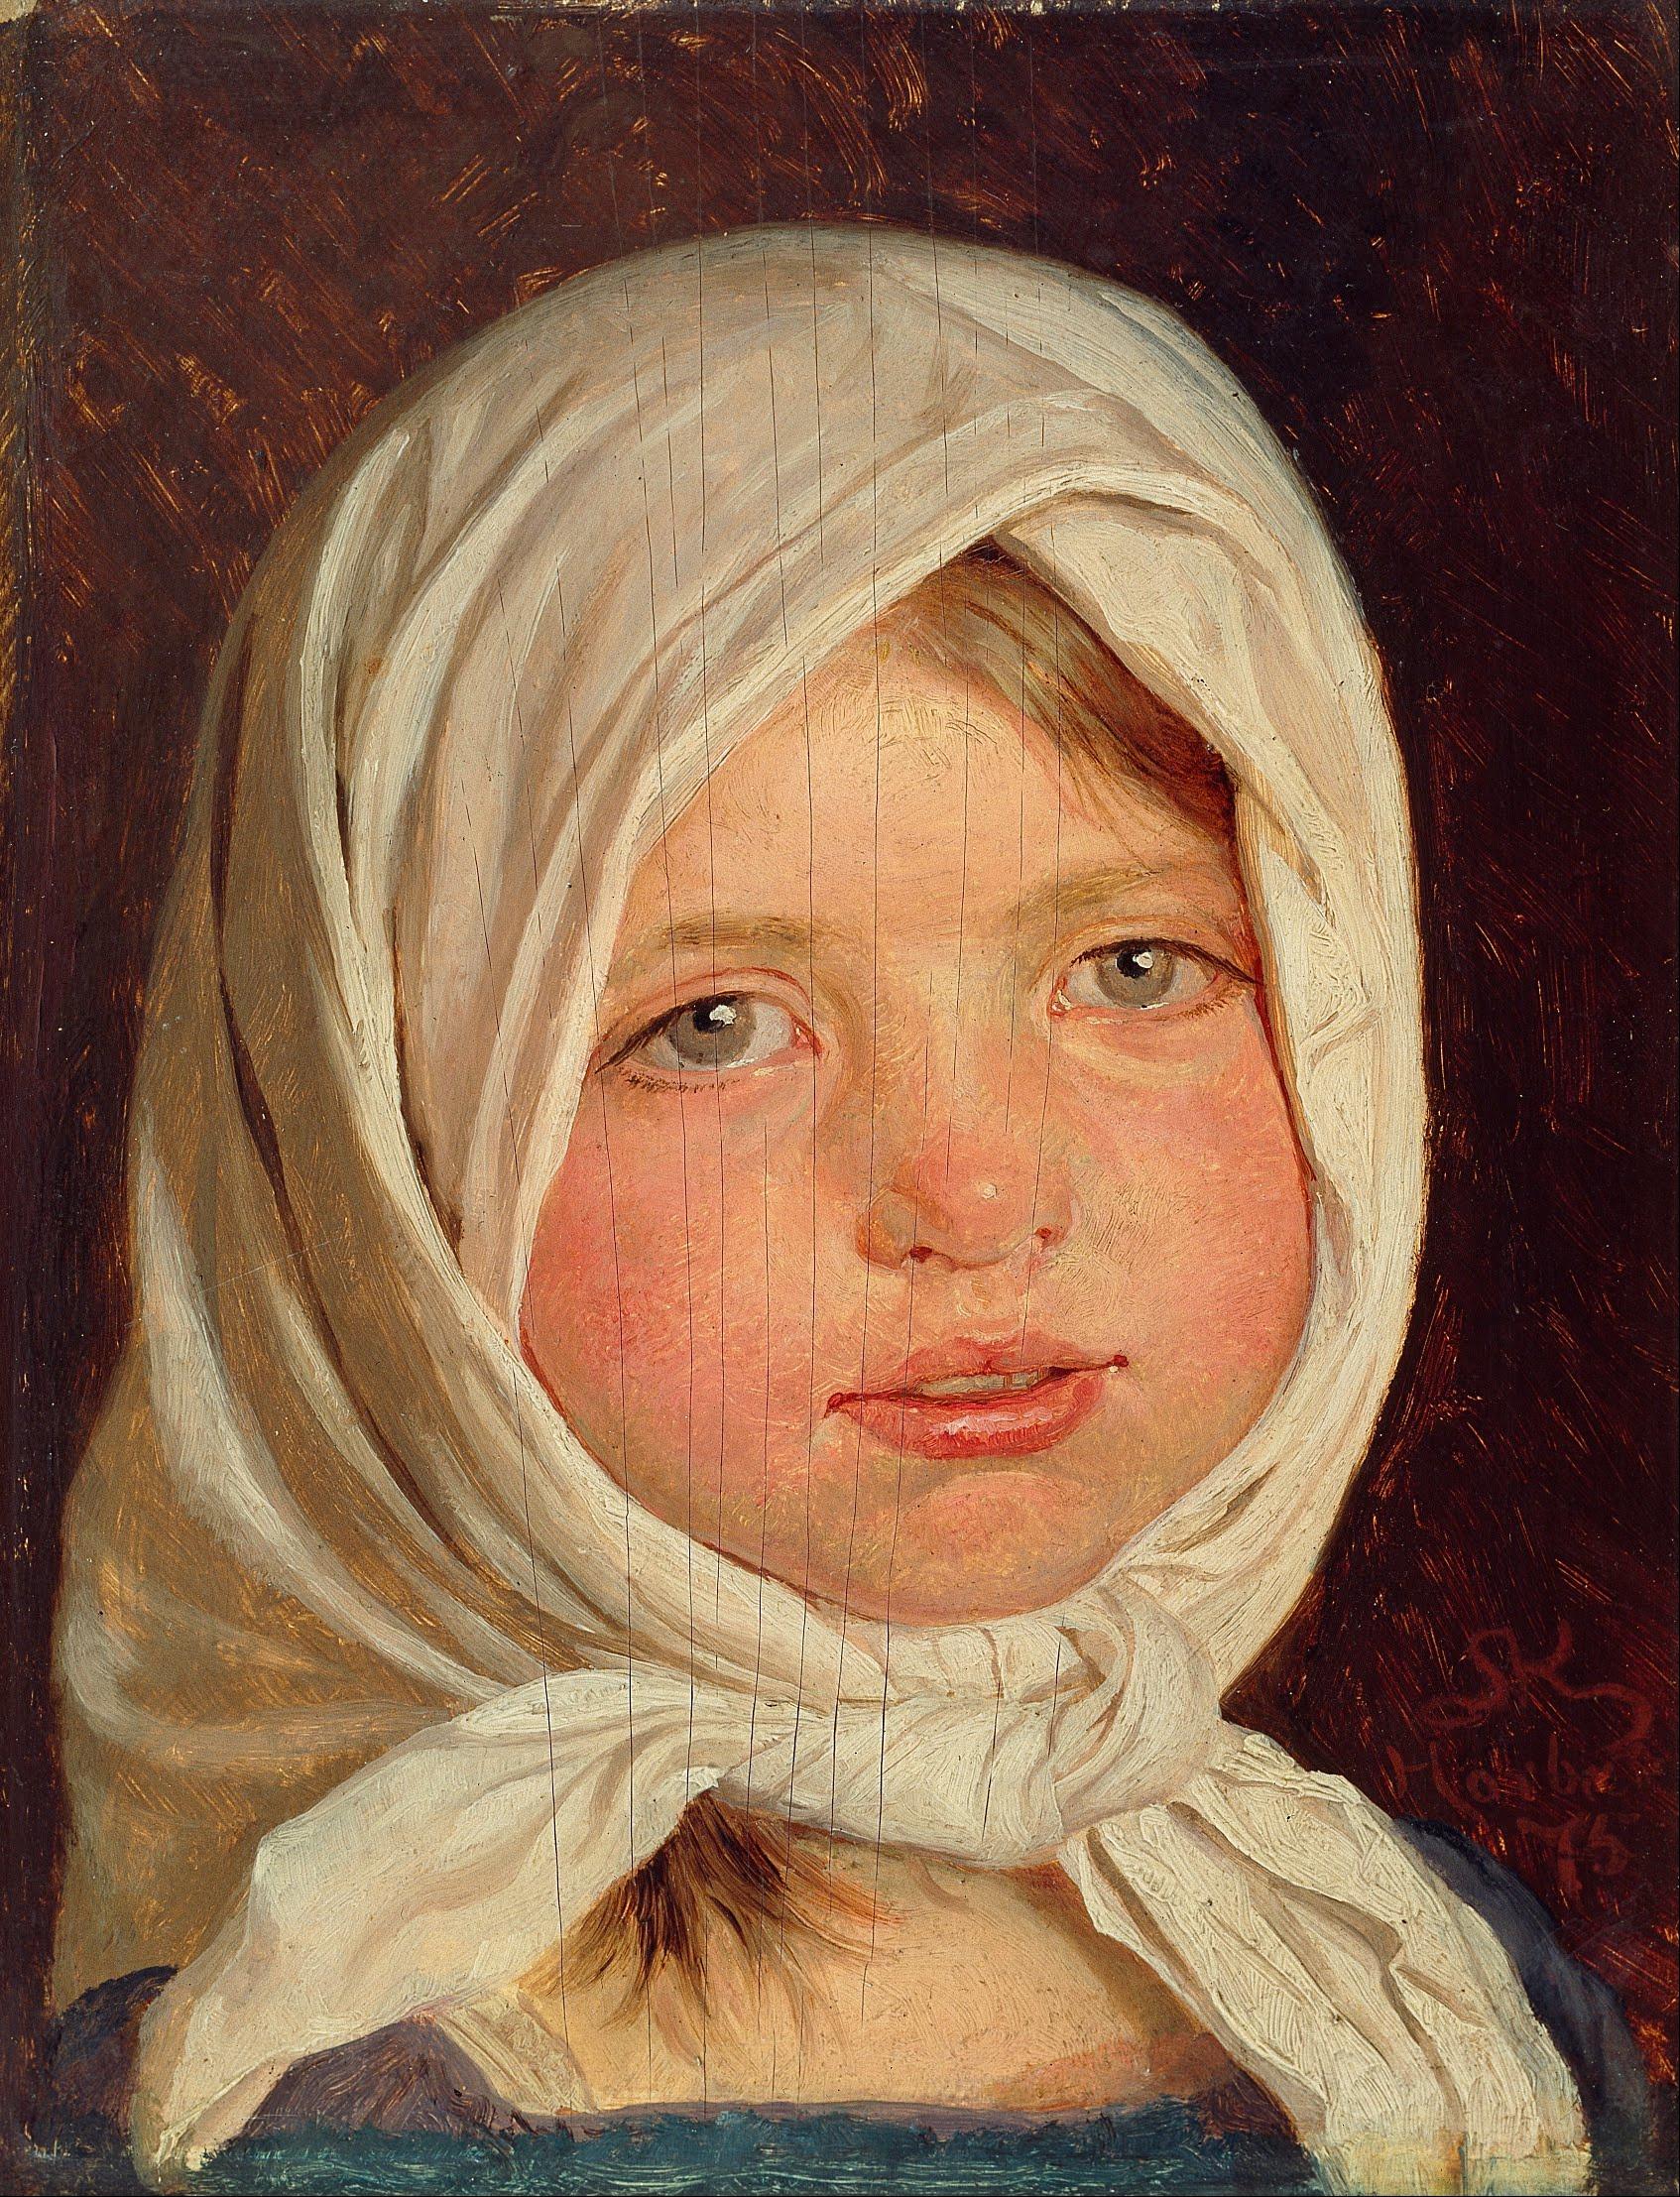 https://upload.wikimedia.org/wikipedia/commons/6/60/Peder_Severin_Kr%C3%B8yer_-_Little_girl_from_Hornb%C3%A6k_-_Google_Art_Project.jpg